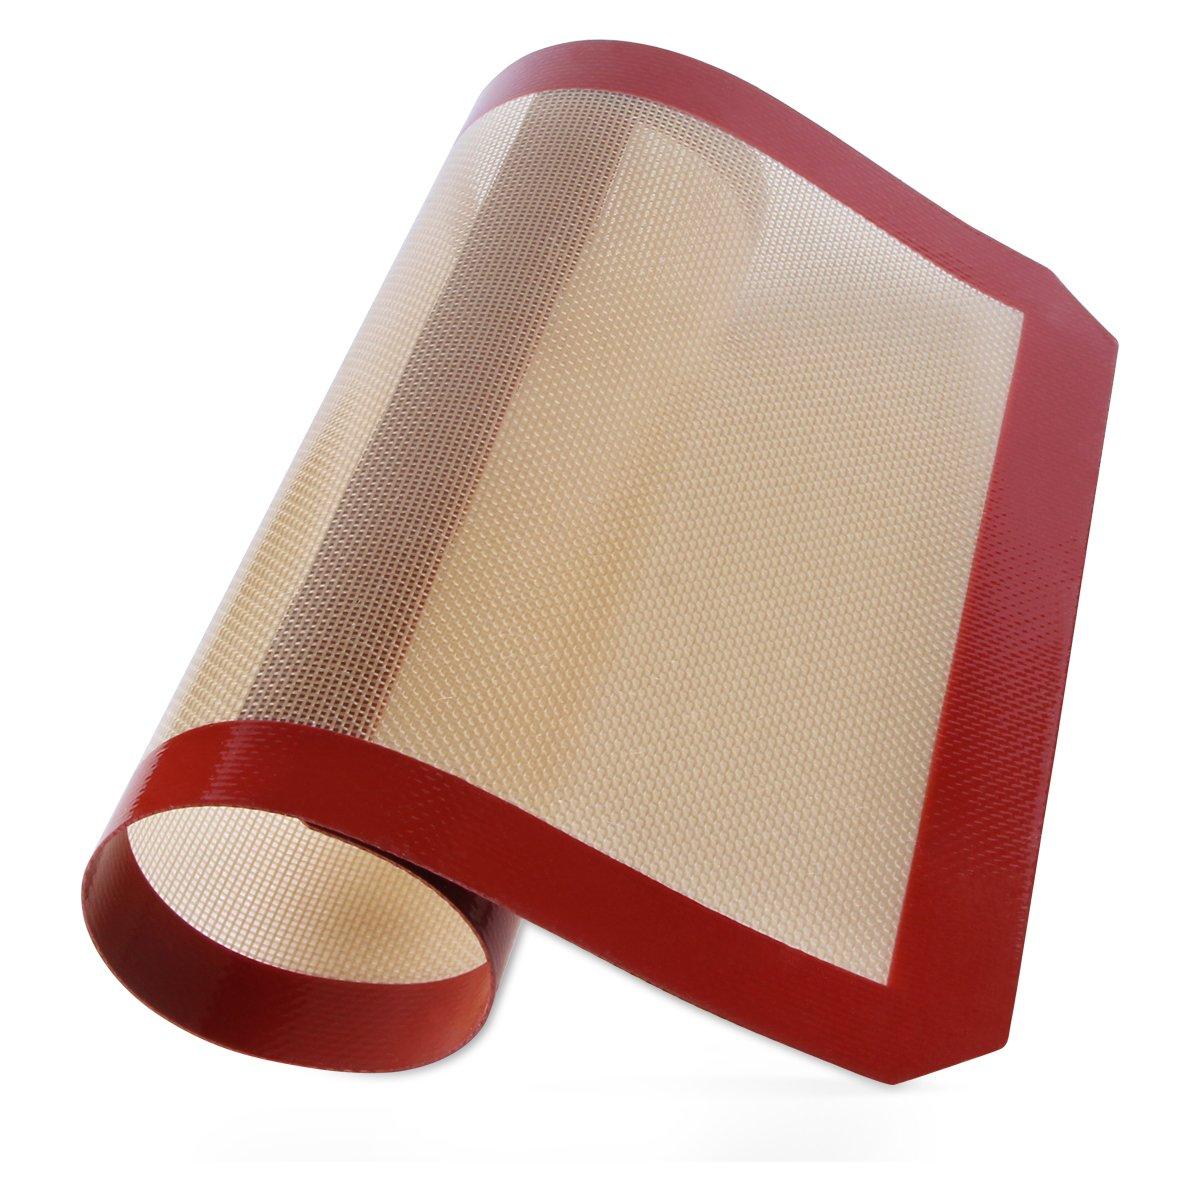 Belmalia Plancha de Silicona para bandejas de Horno, Papel de ...